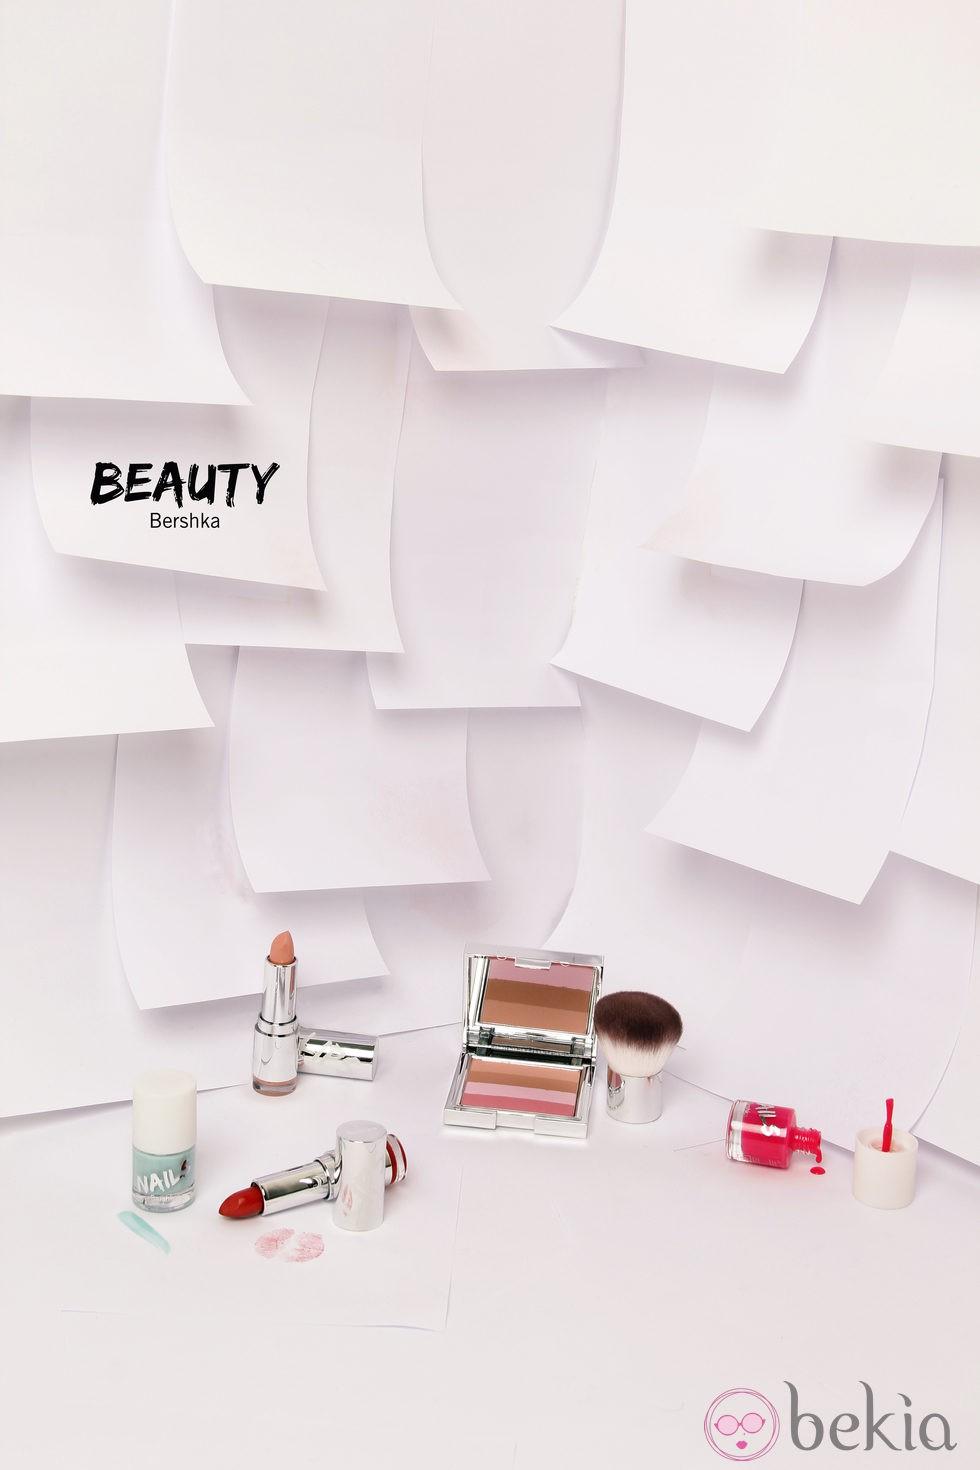 Línea de cosméticos de Bershka